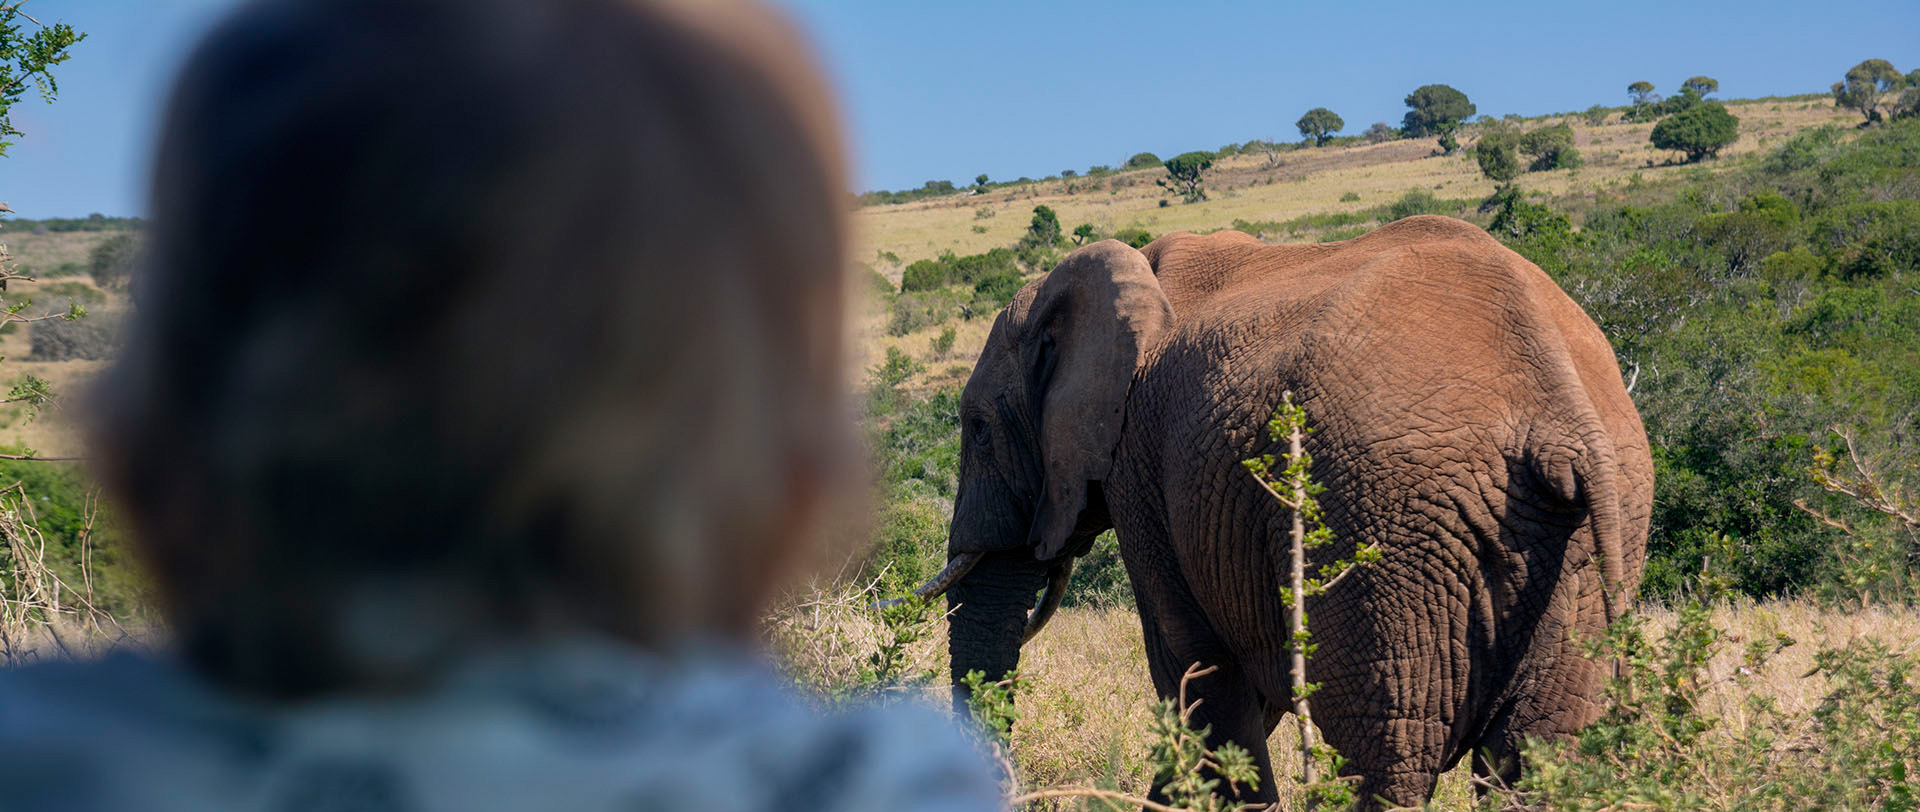 Dziecko i słoń